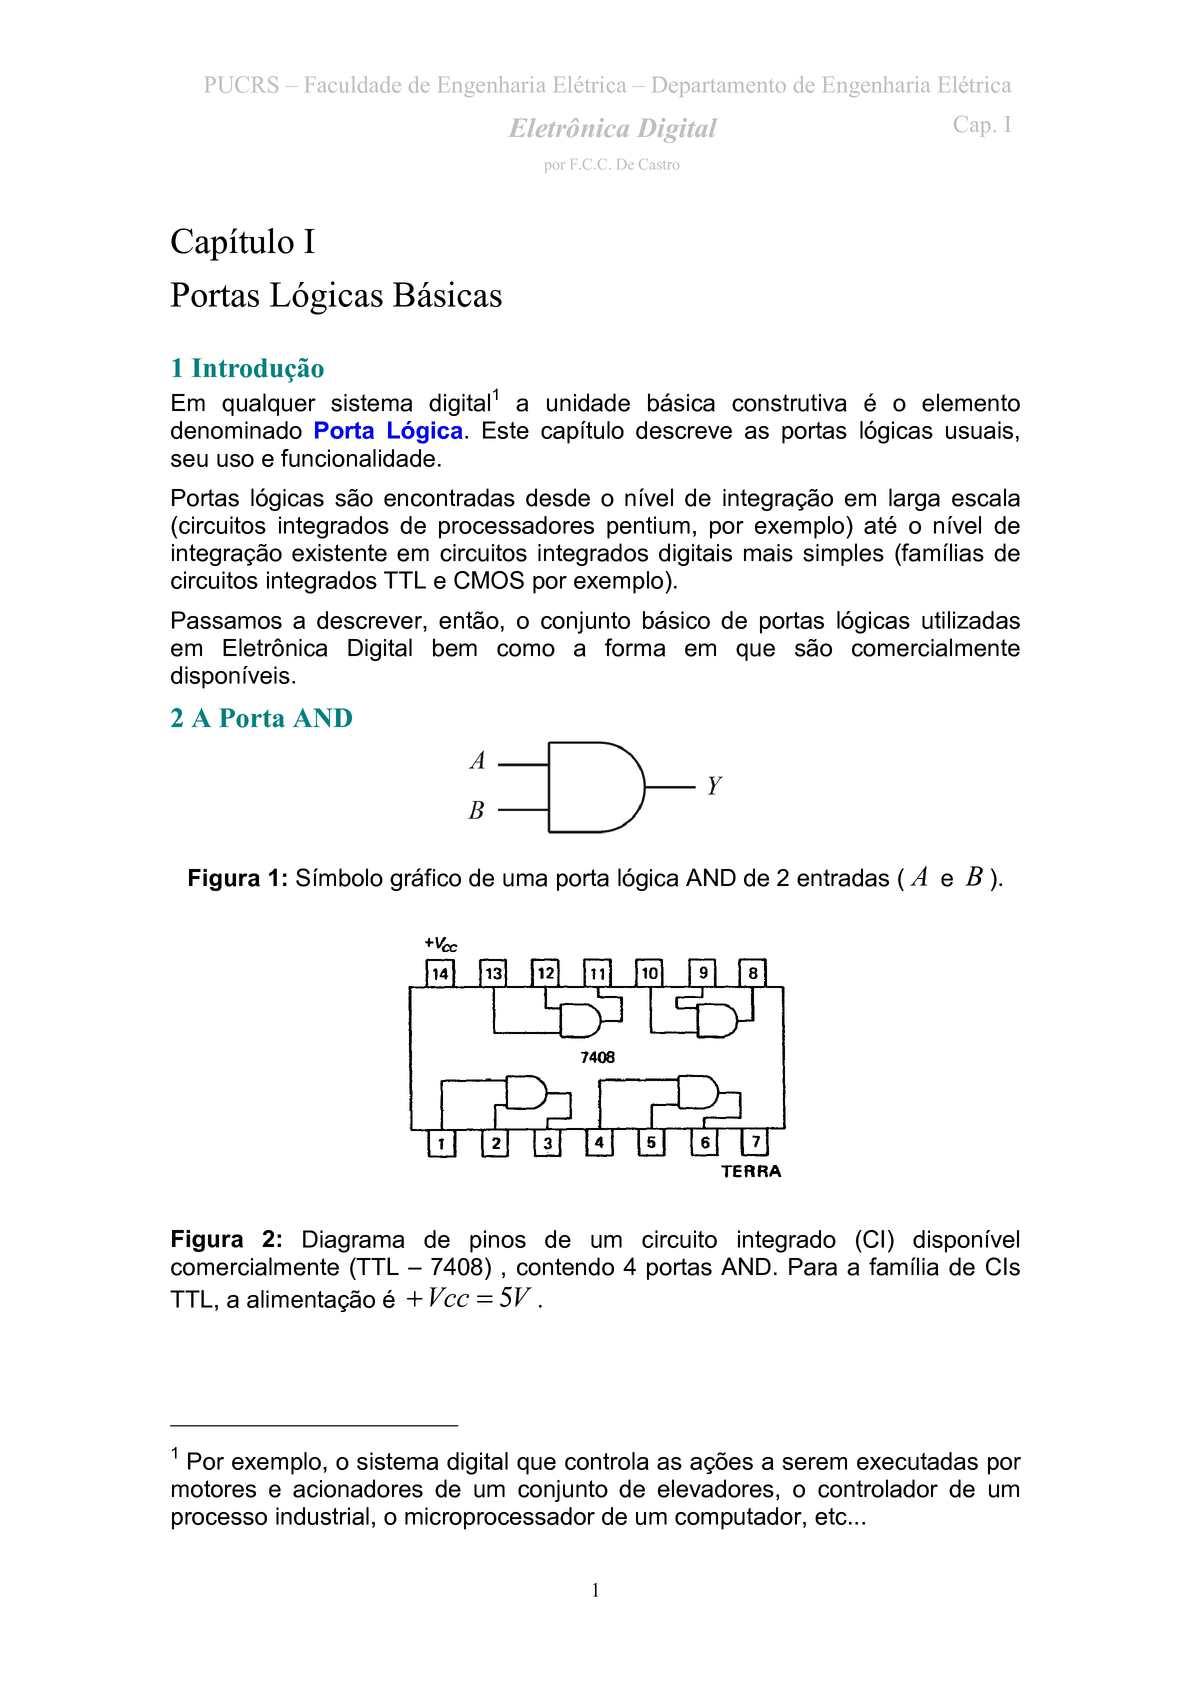 Circuito Integrado Simbolo : Simbolo de circuito integrado puertas